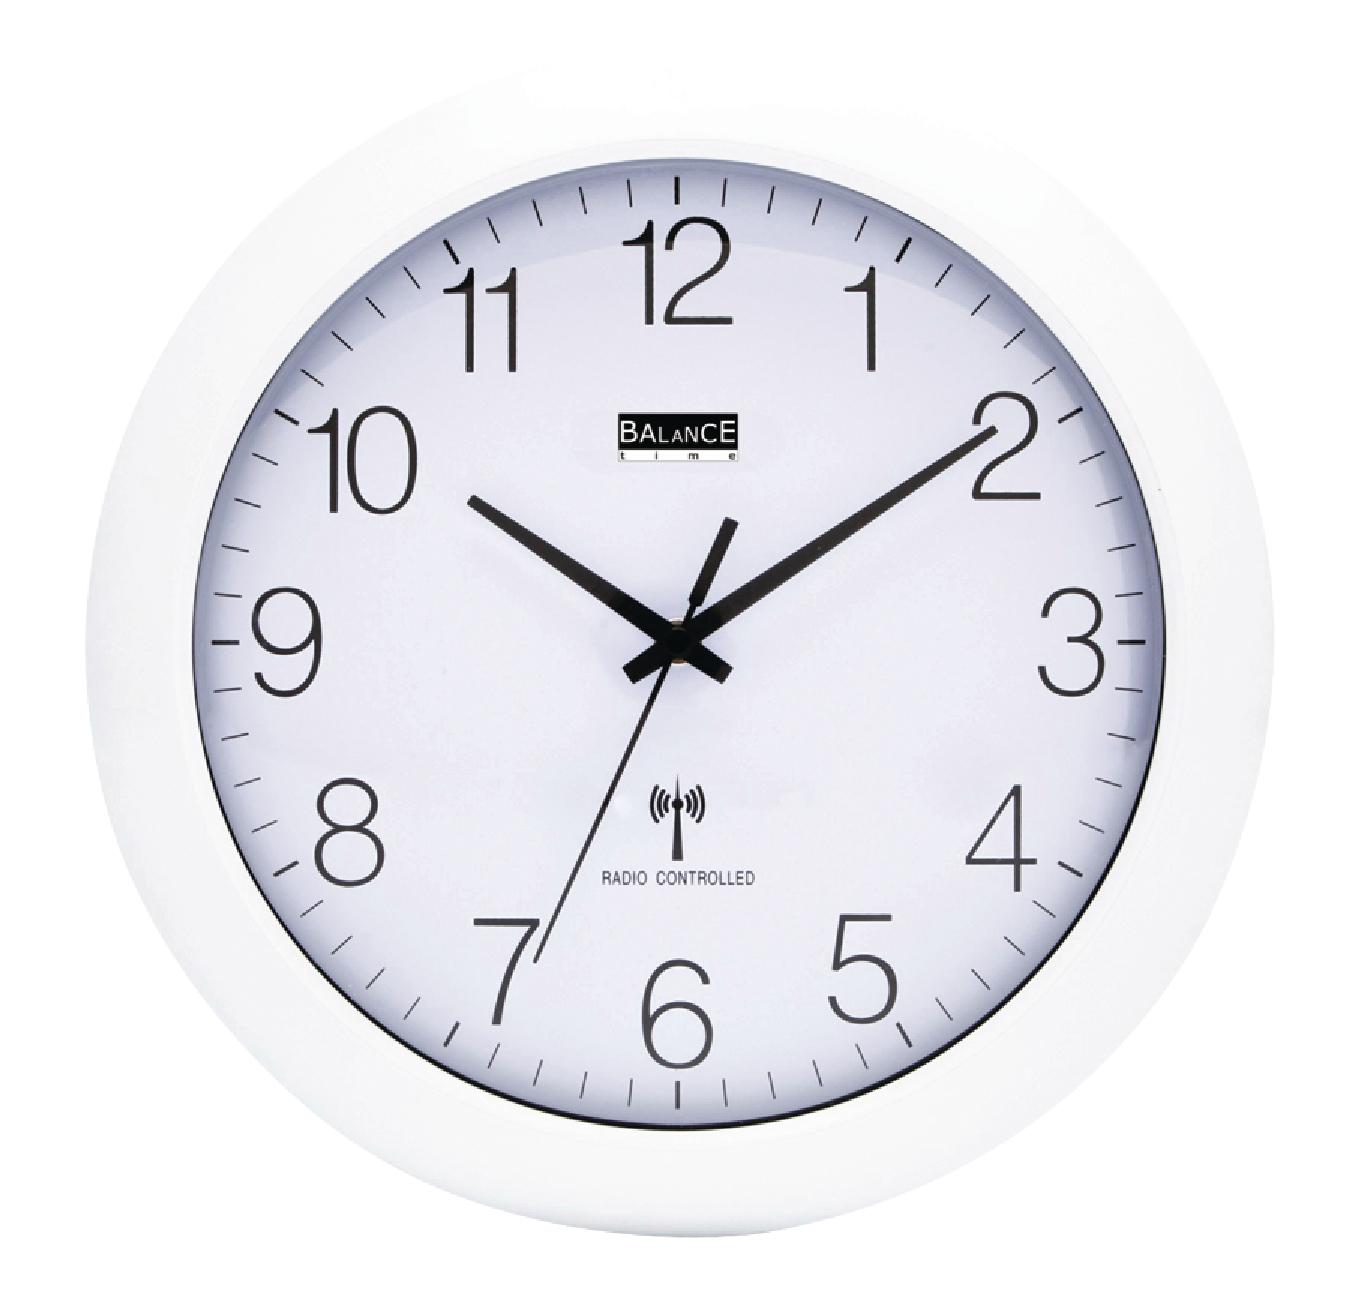 Balance Bílé nástěnné hodiny řízené rádiem, průměr 30 cm